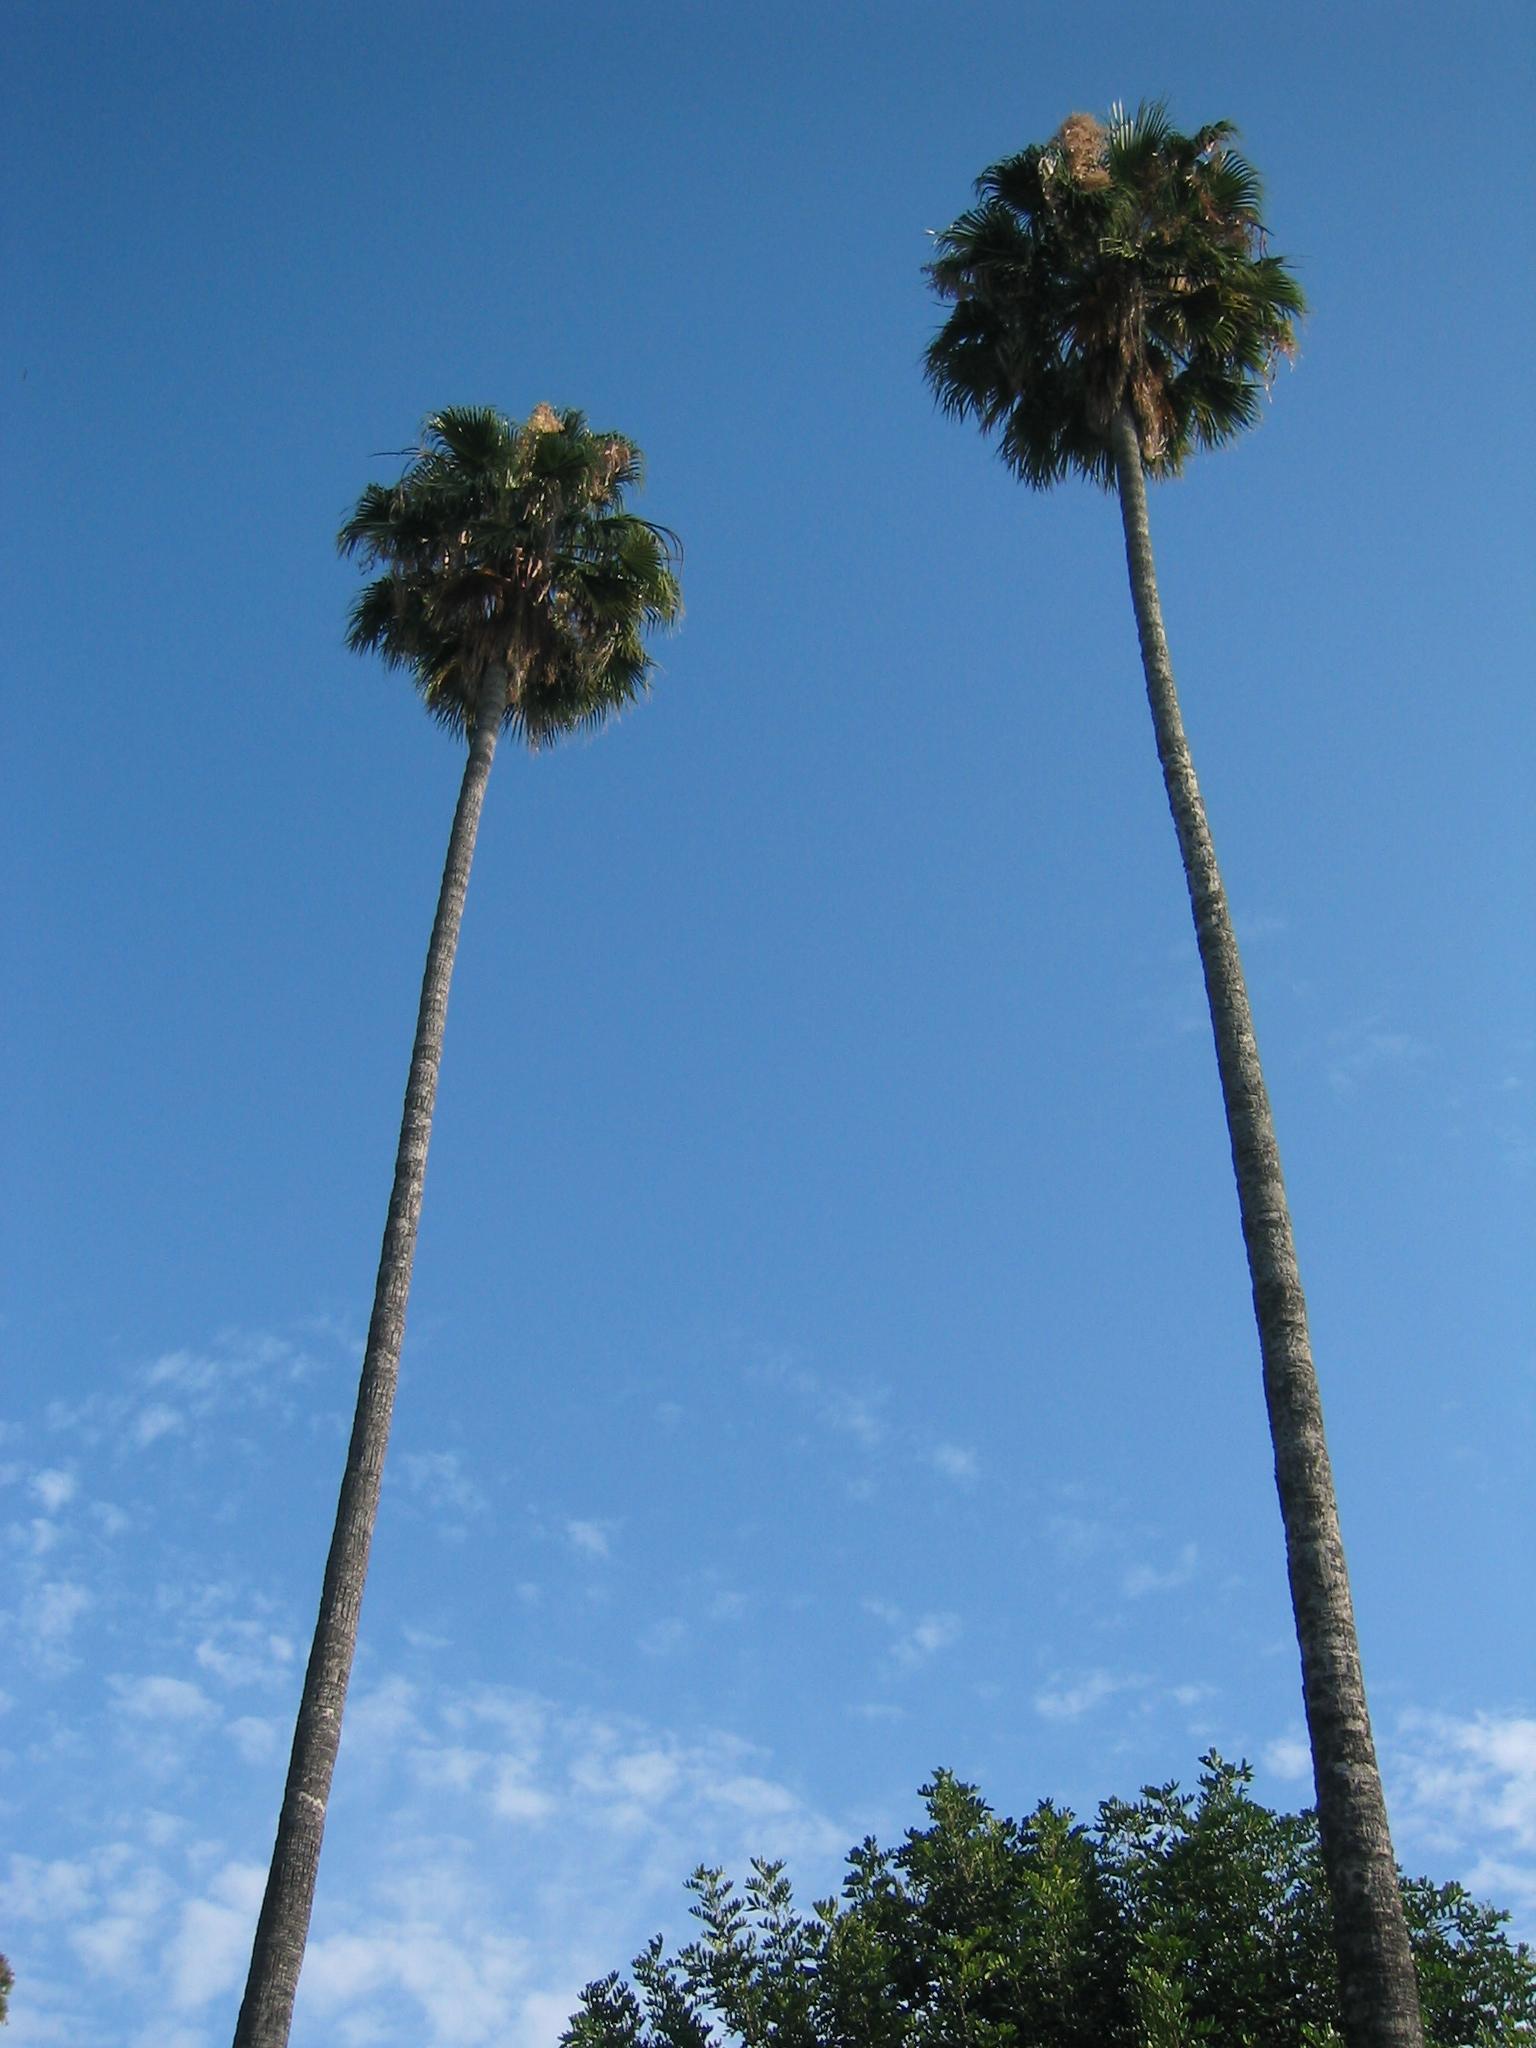 007 sun la two tall trees